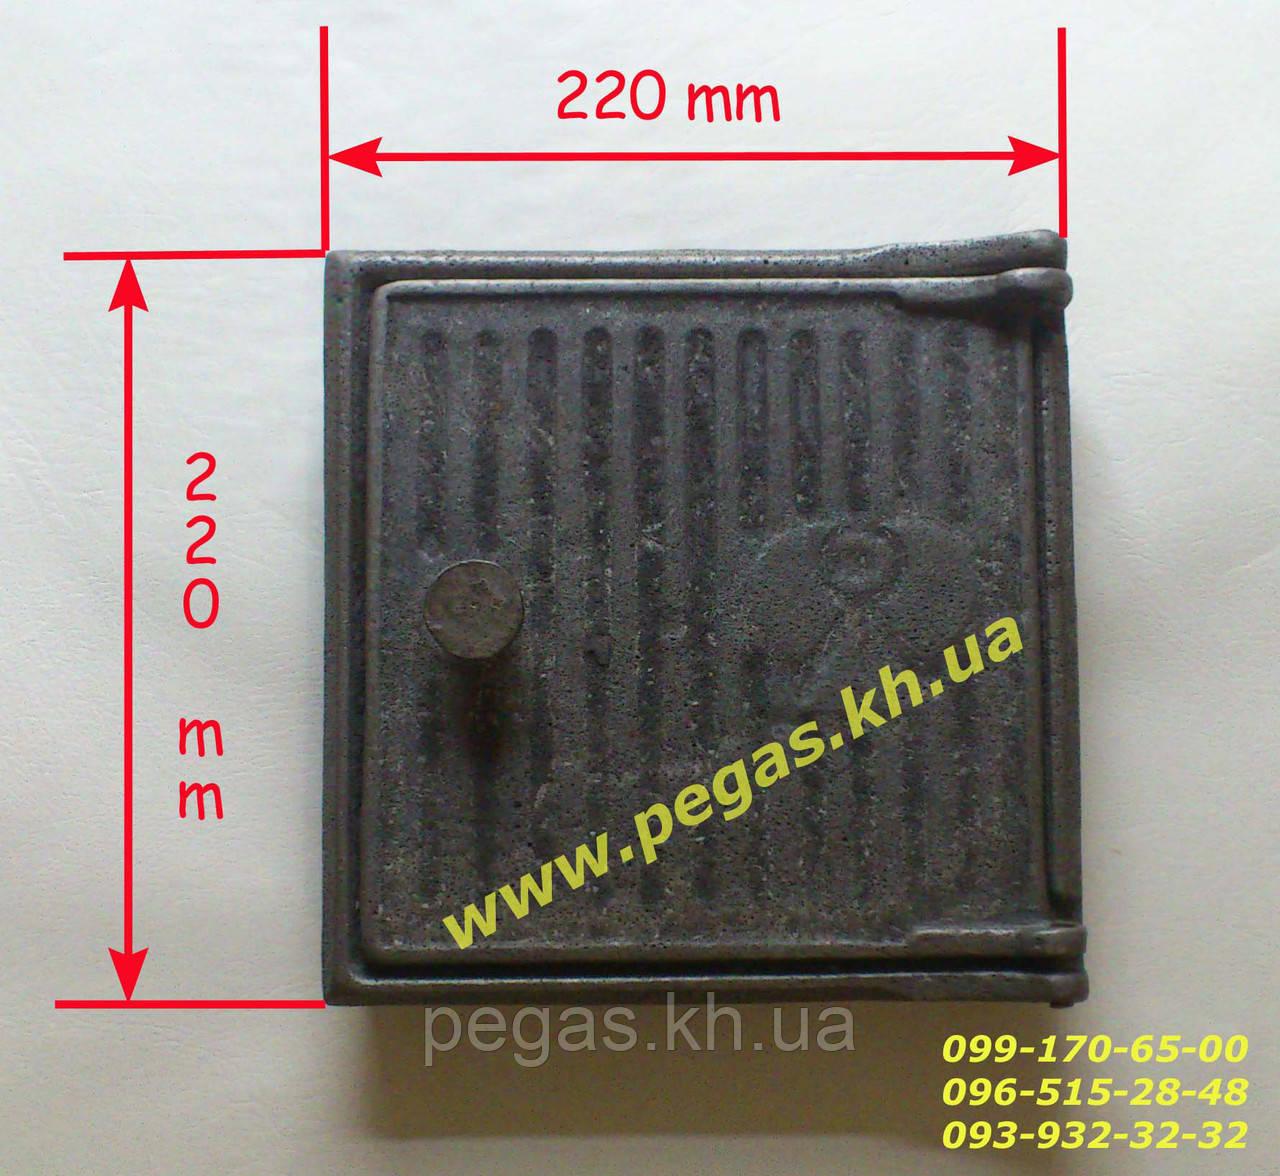 Дверка печная чугунная (210х210 мм) грубу, барбекю, мангал